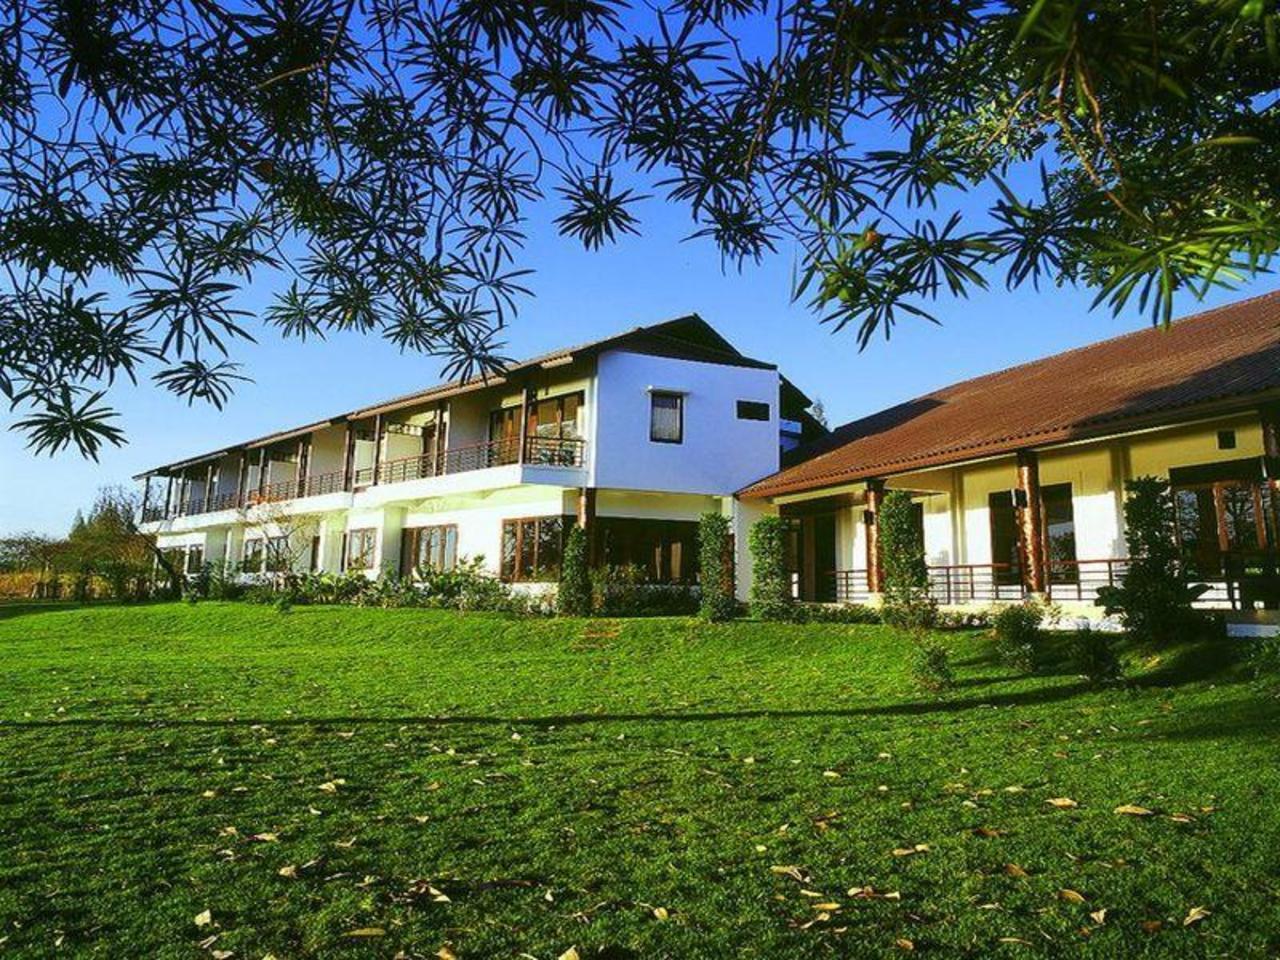 ป่าสัก ฮิลล์ไซด์ รีสอร์ท (Pasak Hillside Resort)